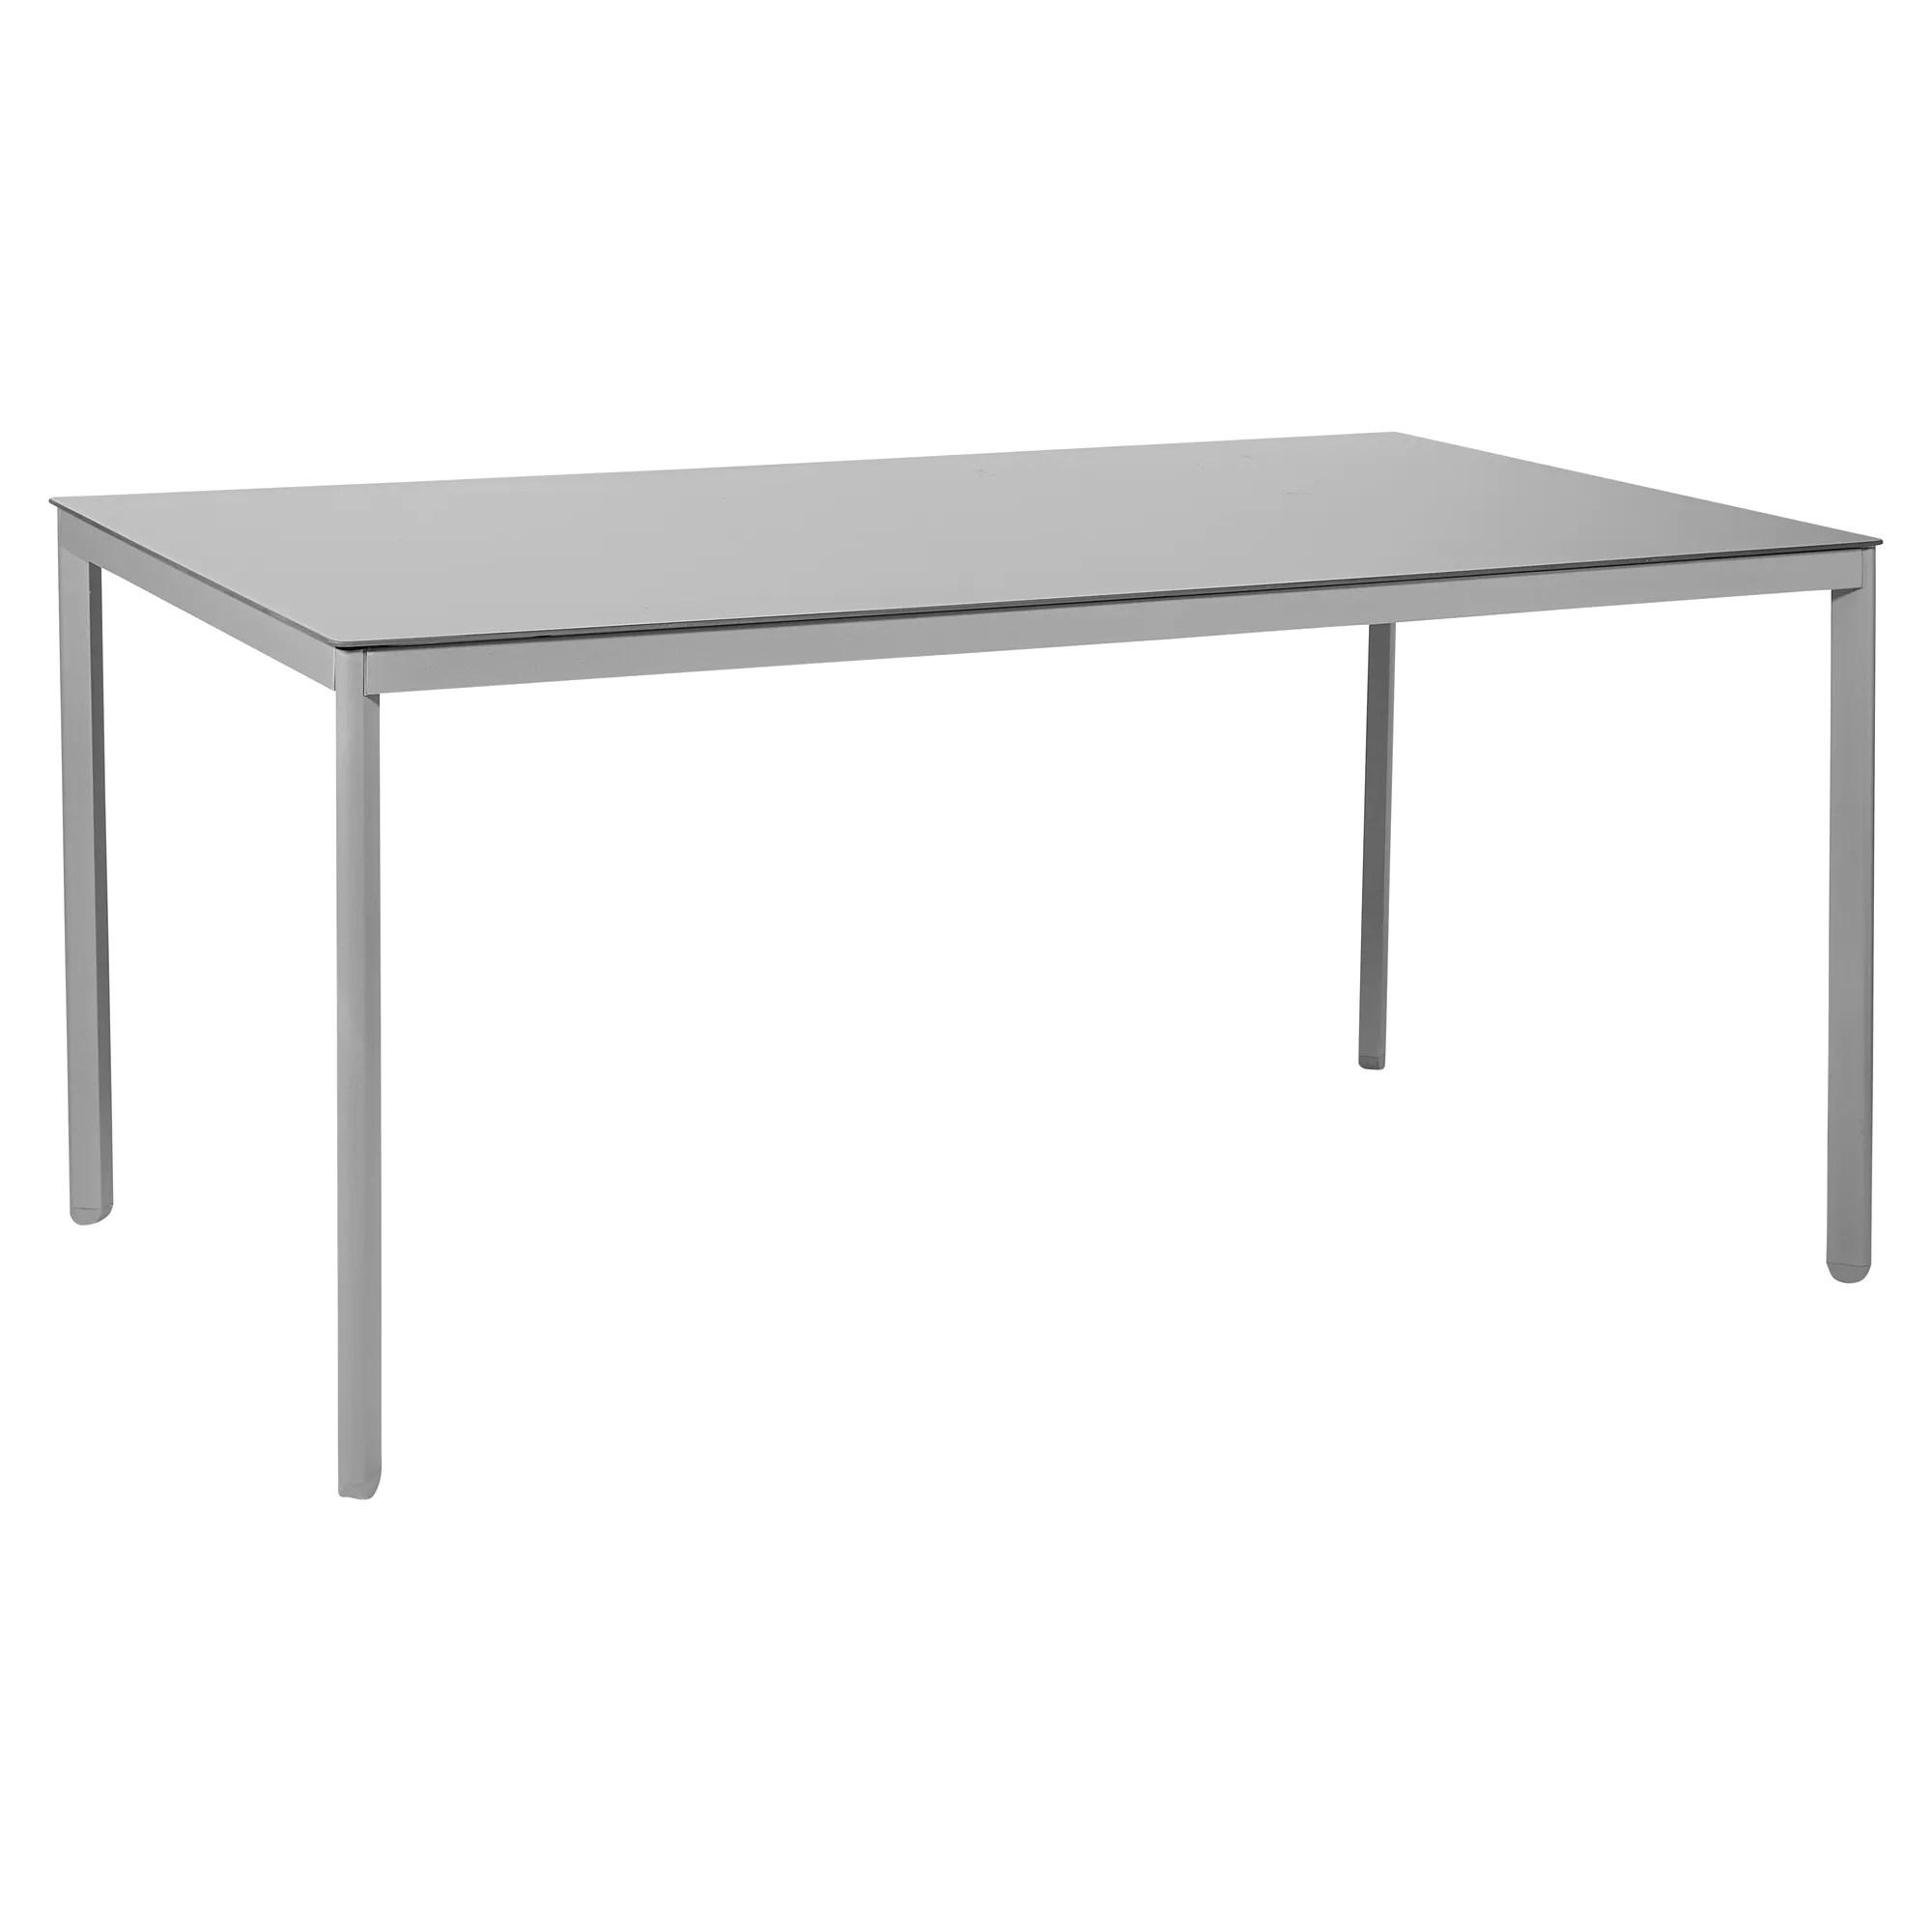 Gartentisch Holz 90x90 Gartentisch 90x90 Klappbar Excellent Merxx